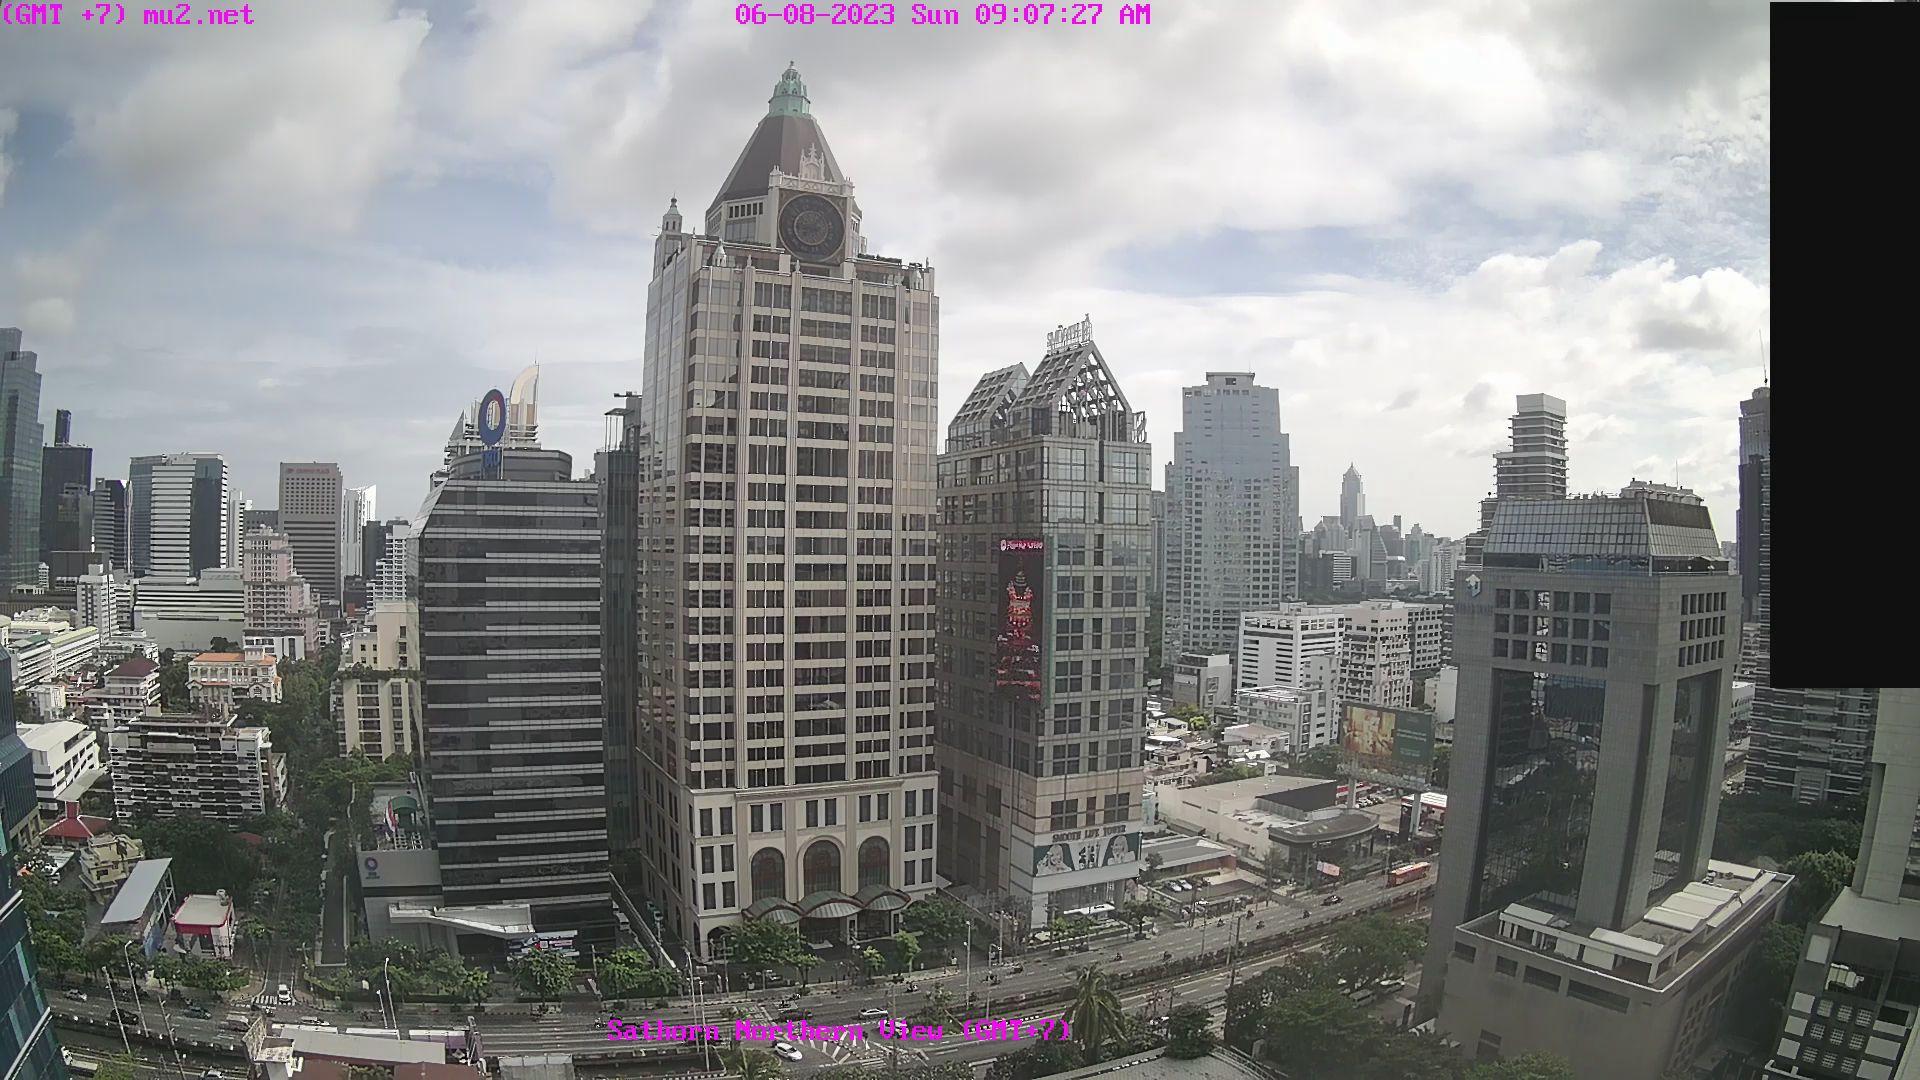 Bangkok So. 09:19